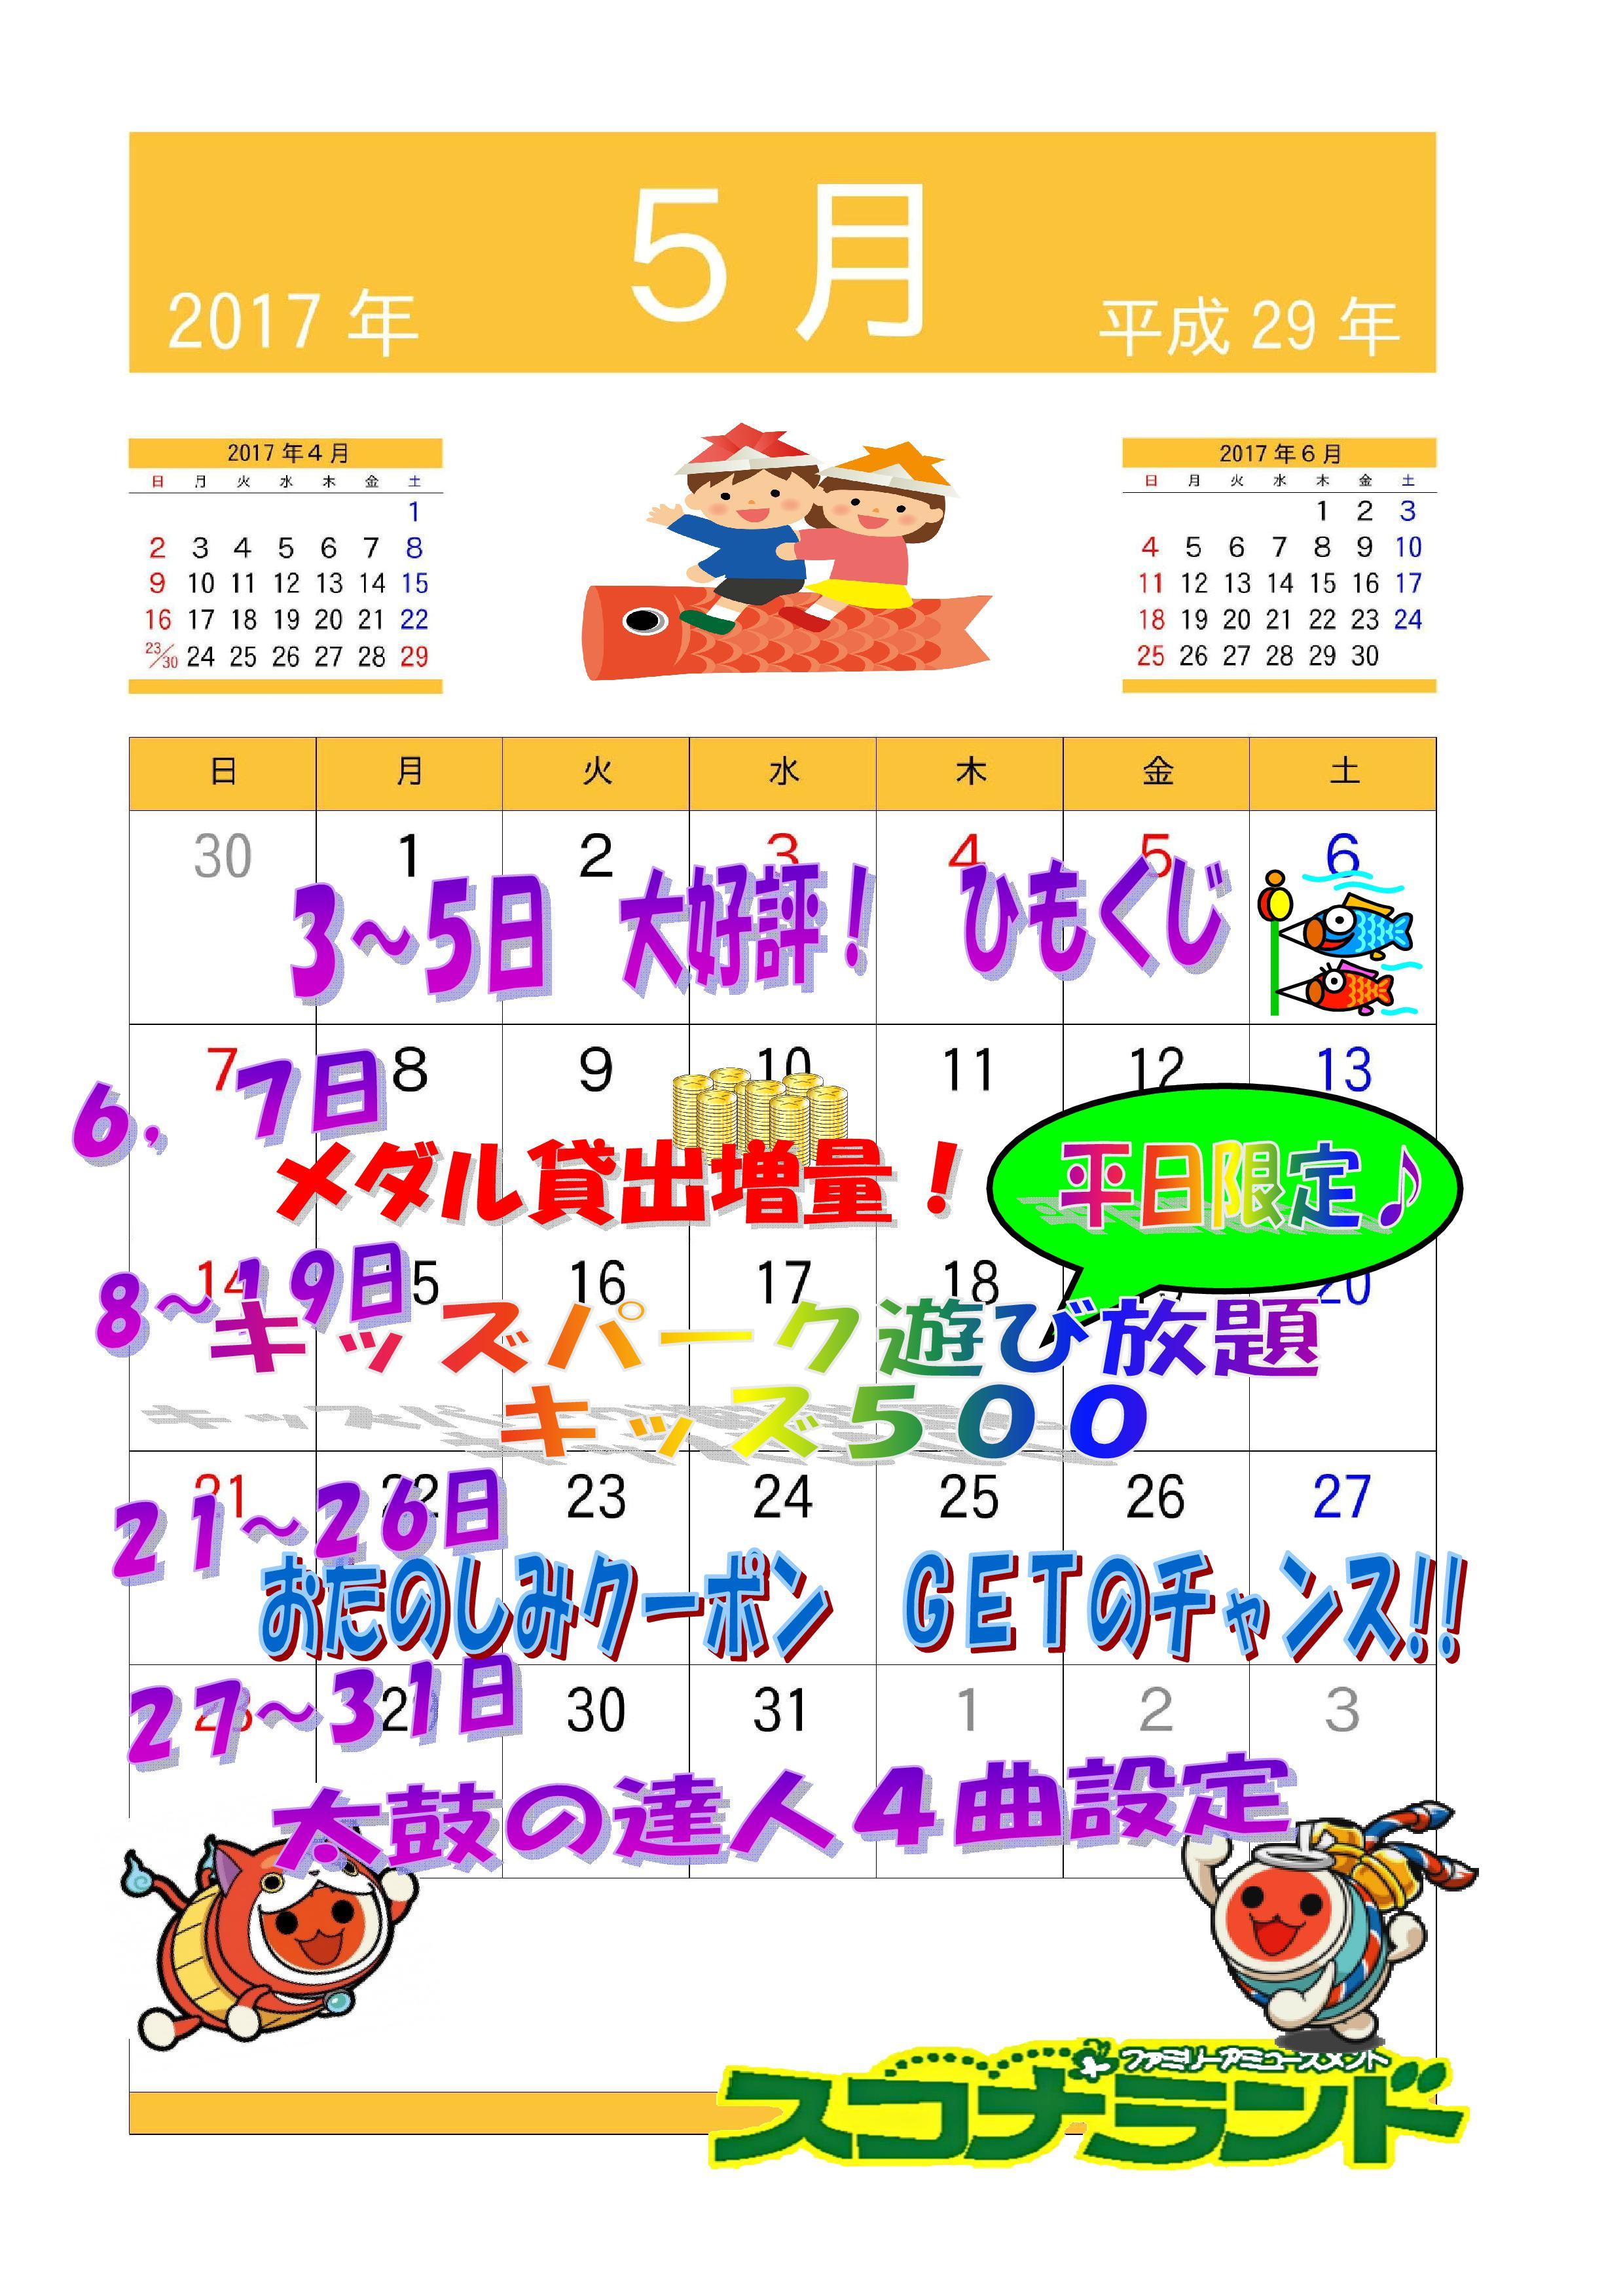 201705イベントカレンダー